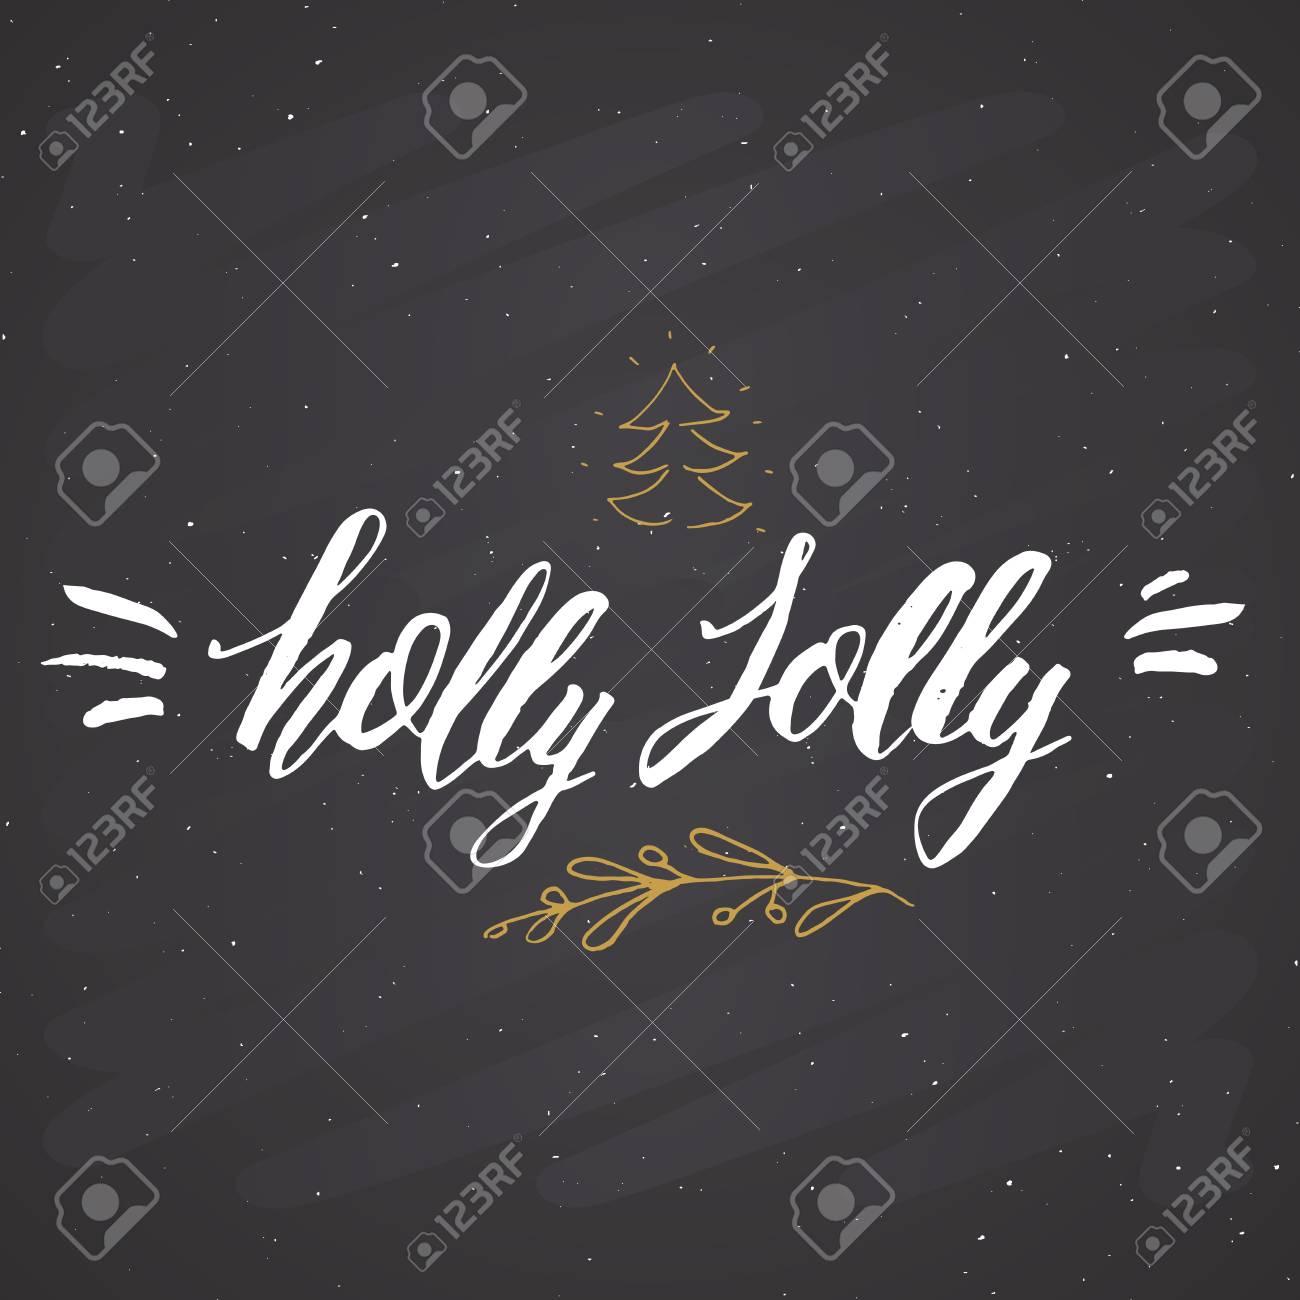 Weihnachtsbilder Und Grüße.Wunderbar Aufsichtsrolle Mei Weihnachts Haut Ideen